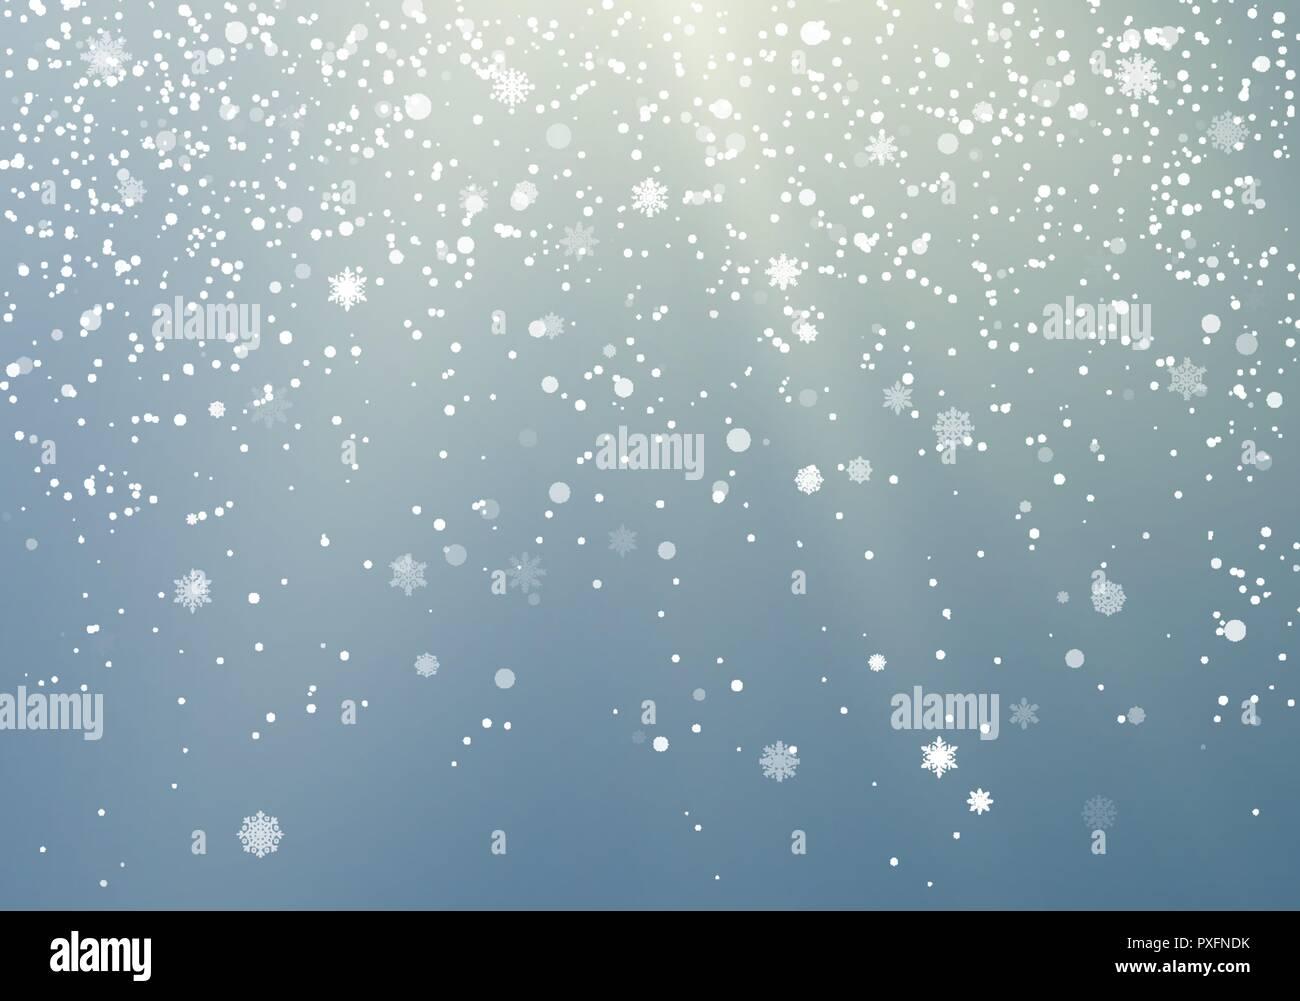 Fallende Schneeflocken transparenten Hintergrund. Winter Muster mit ...